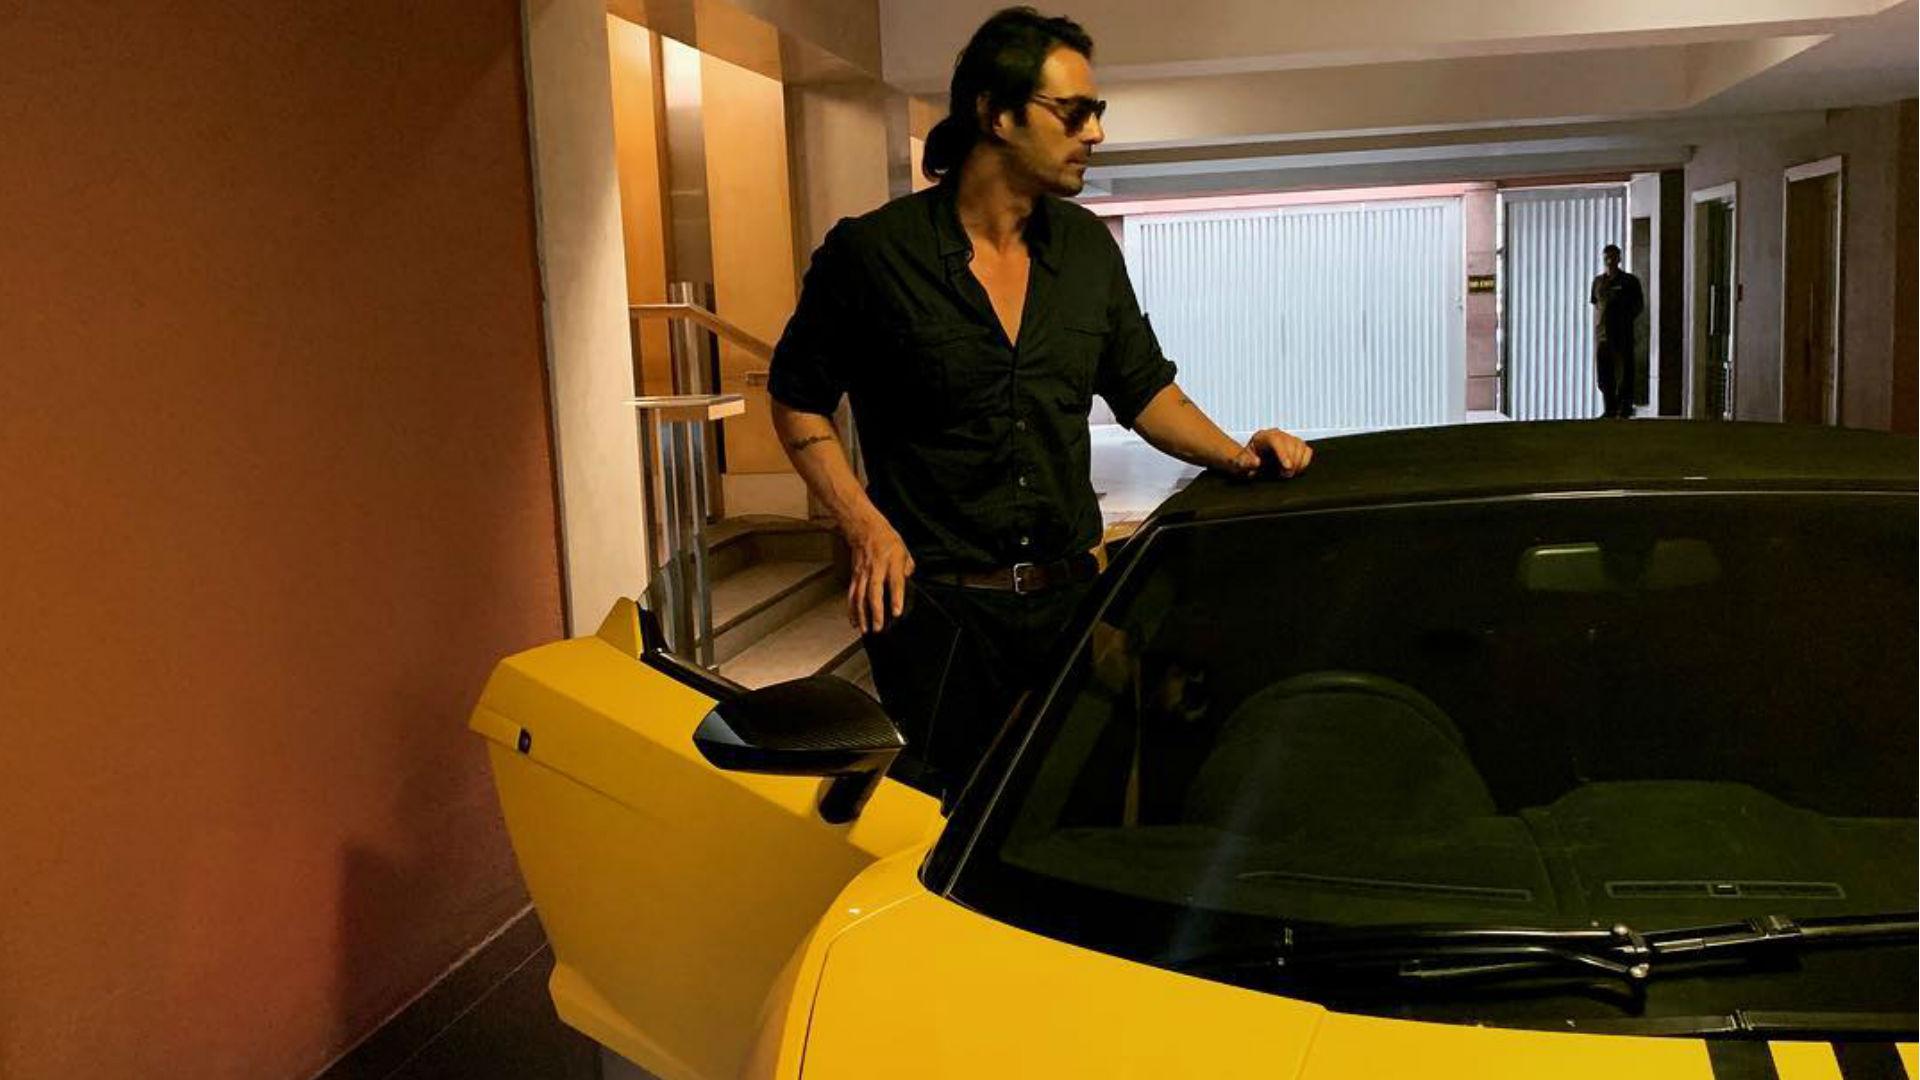 मुश्किल में अभिनेता अर्जुन रामपाल, लोन के 1 करोड़ रुपये न चुकाने पर बॉम्बे हाईकोर्ट पहुंचा मामला